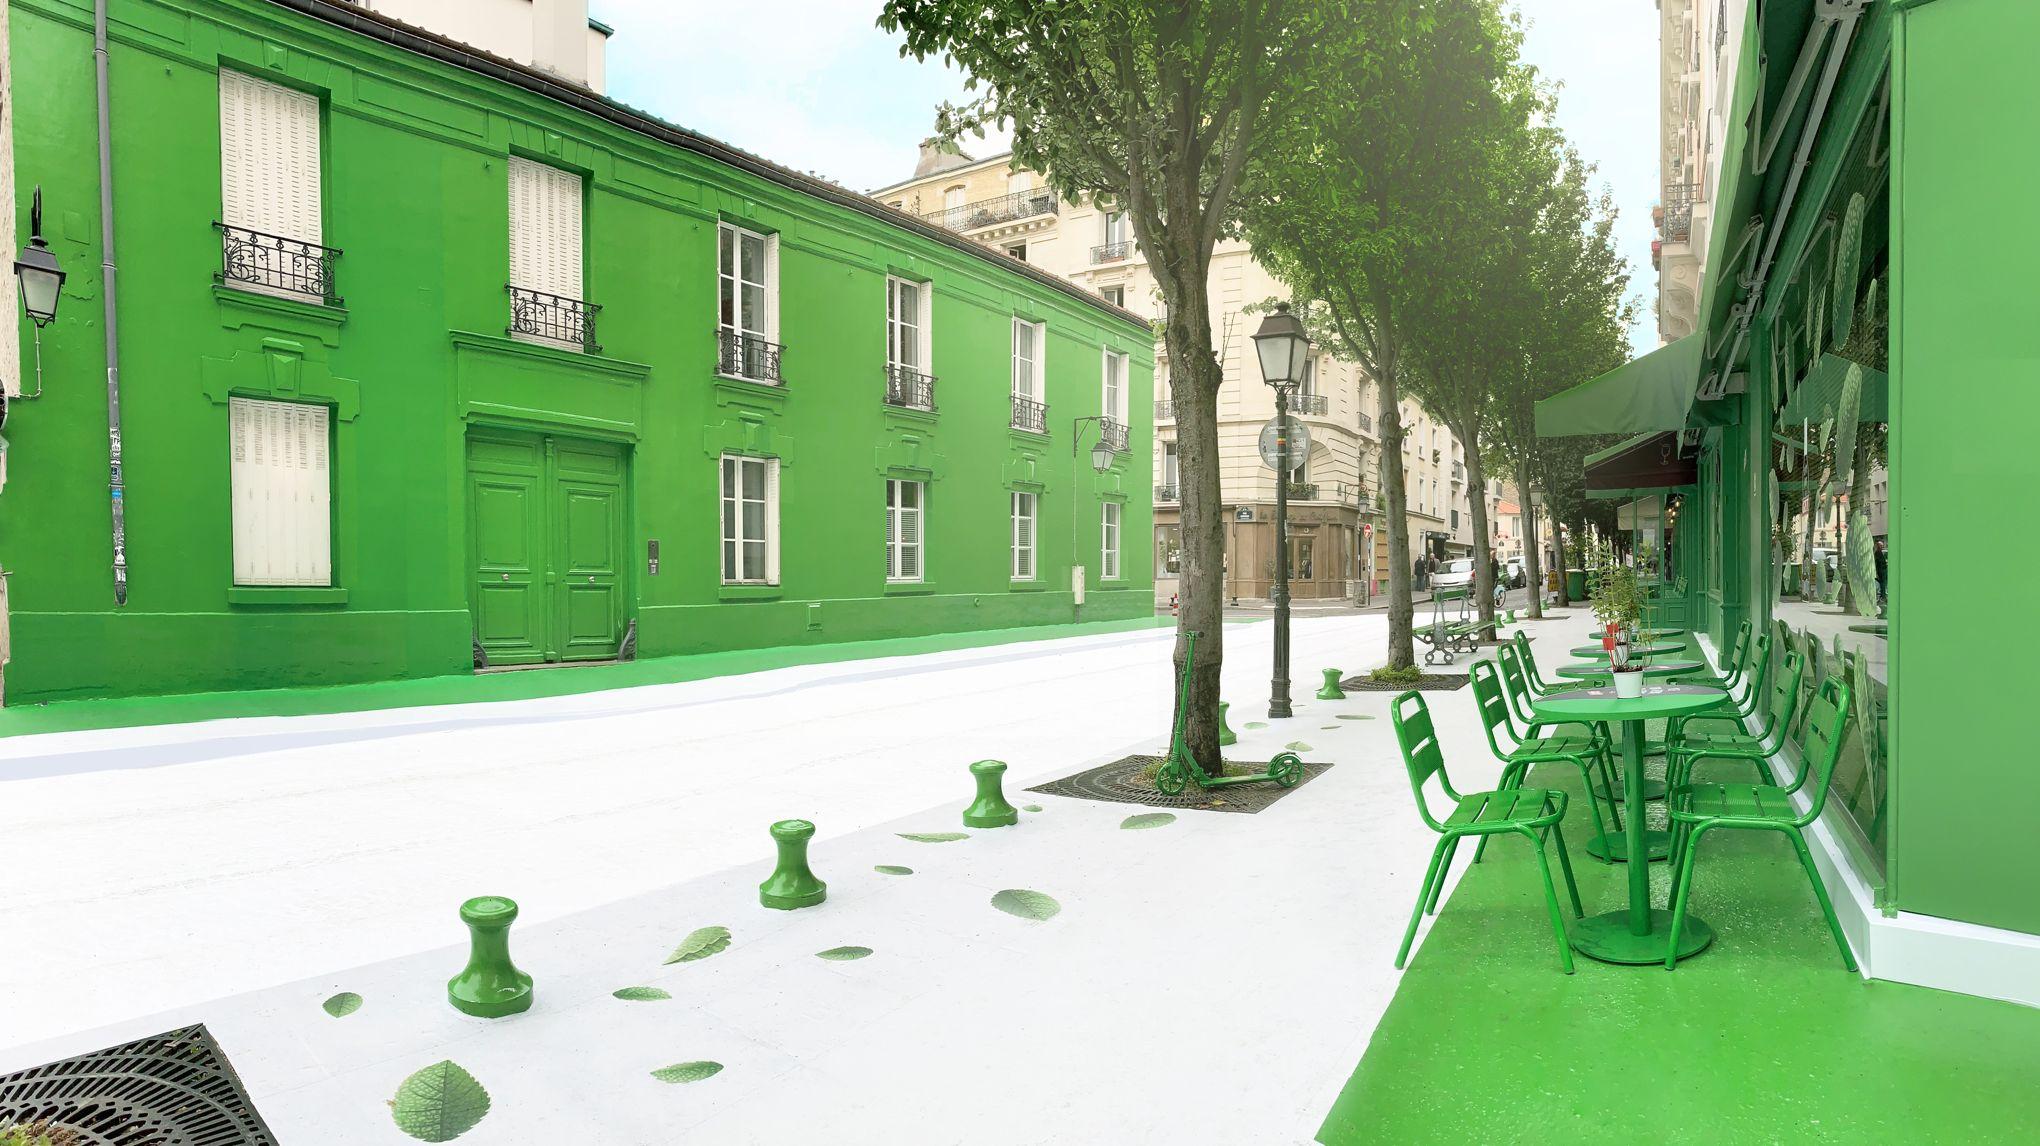 La Butte Aux Cailles Photos paris: la butte-aux-cailles en vert jusqu'à dimanche